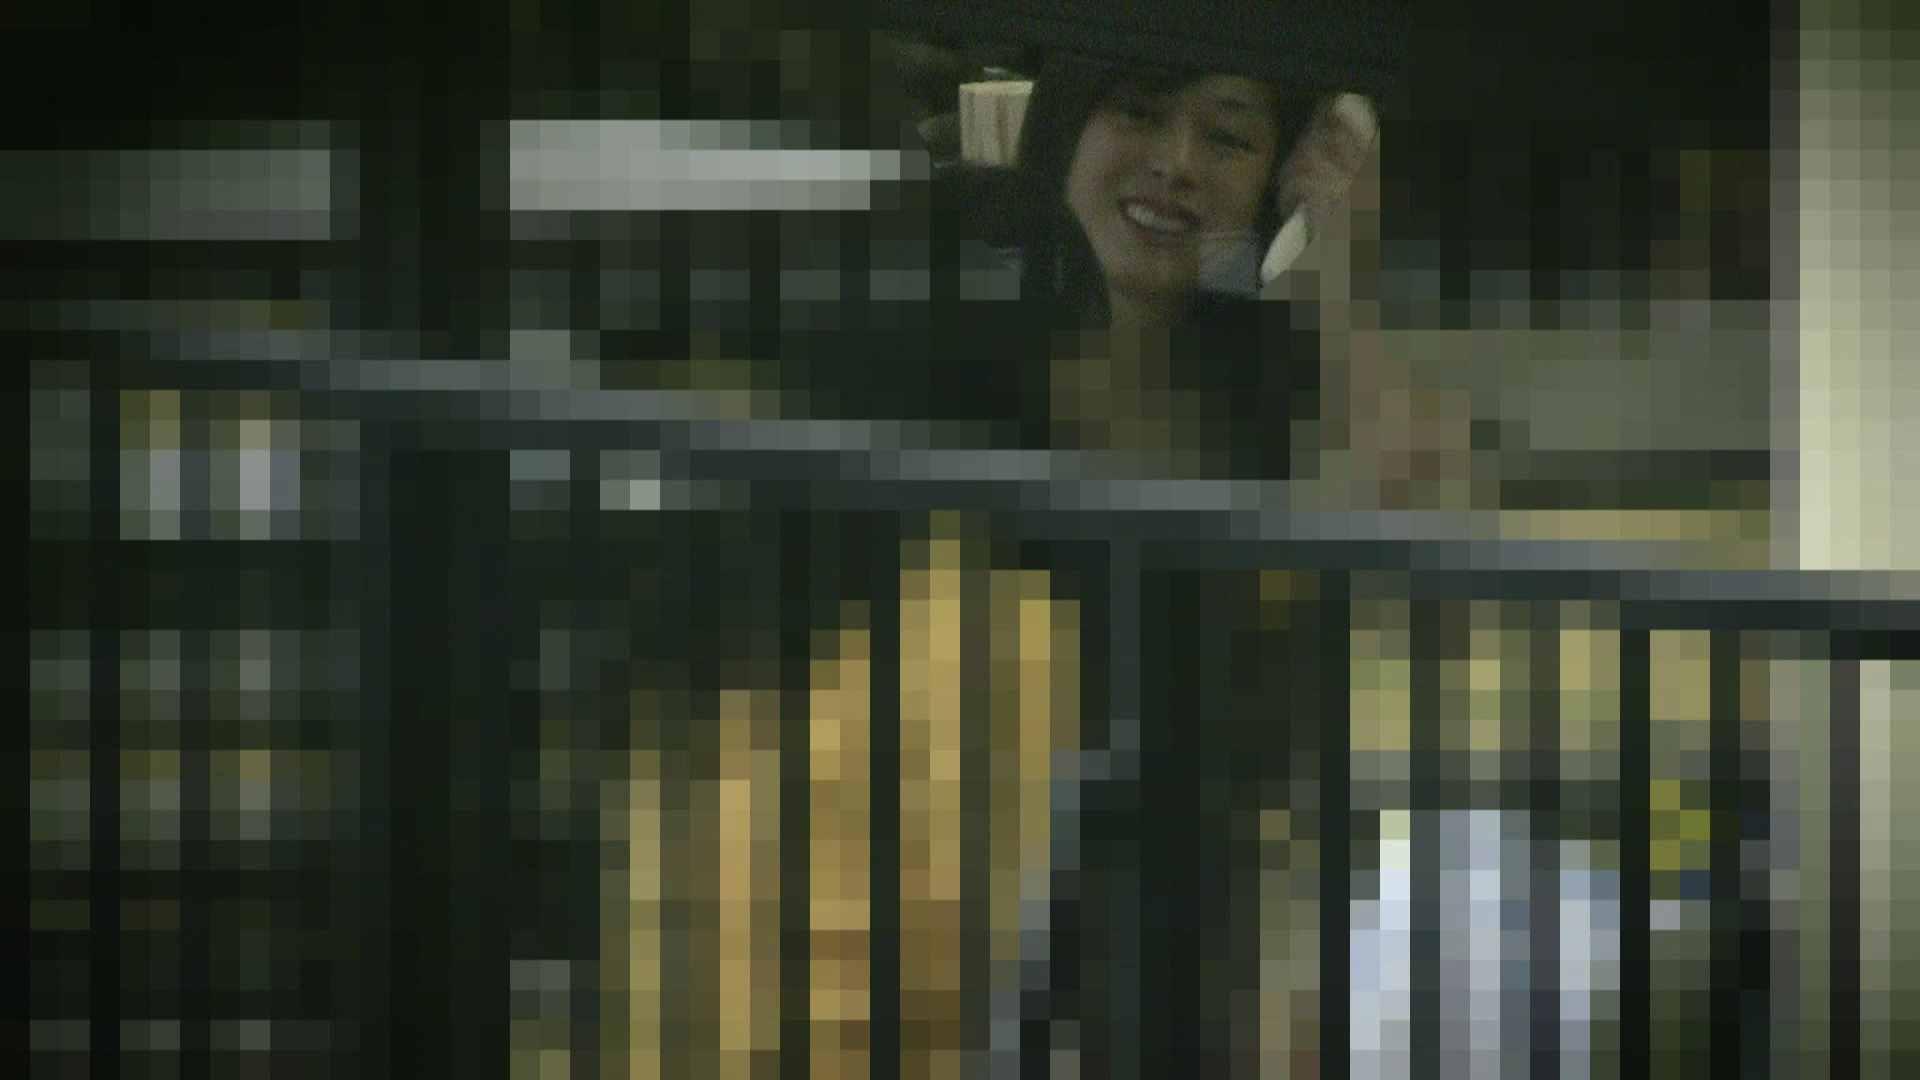 高画質露天女風呂観察 vol.006 乙女のエロ動画 濡れ場動画紹介 98PIX 70